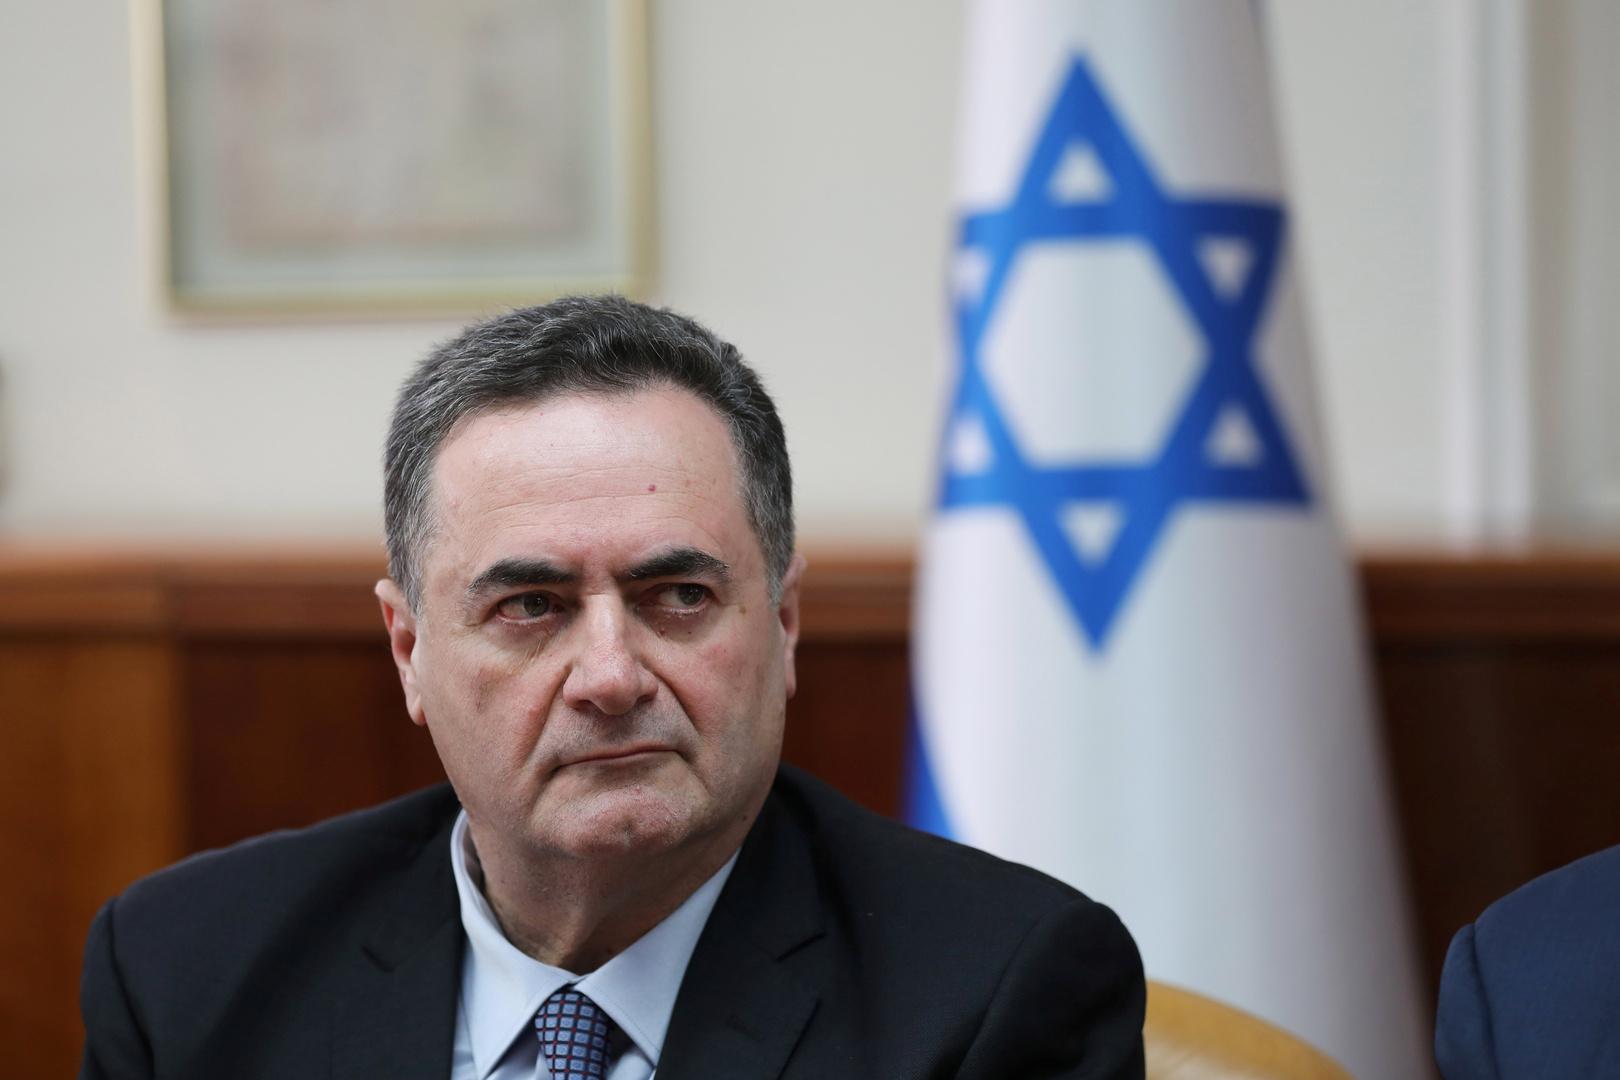 إسرائيل: سنلتزم بوقف إطلاق النار في غزة إذا التزم به الفلسطينيون